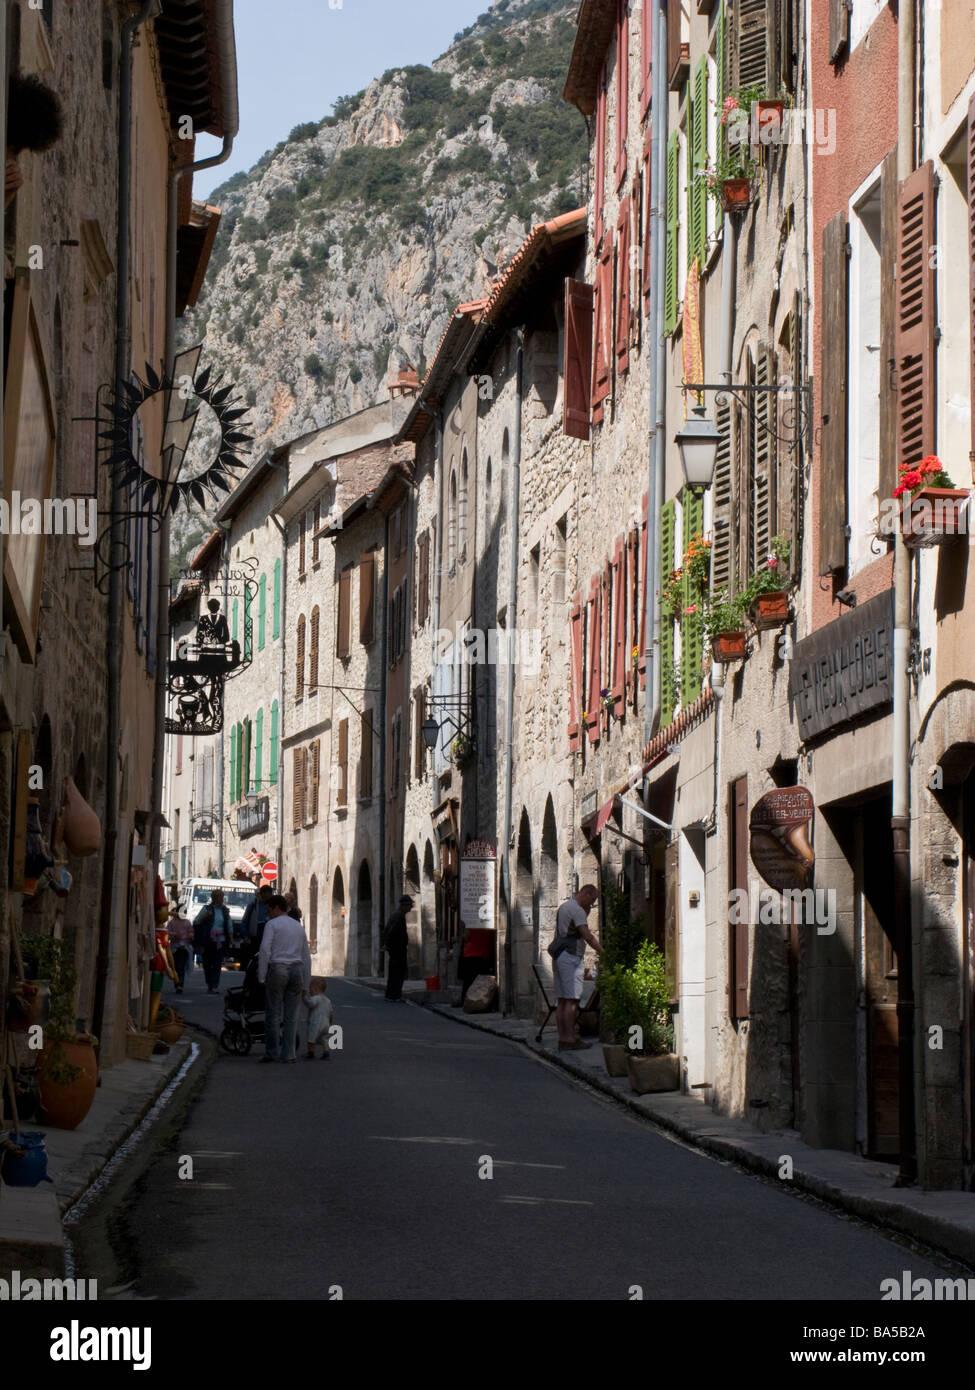 Villefranche-de-Conflent - Stock Image